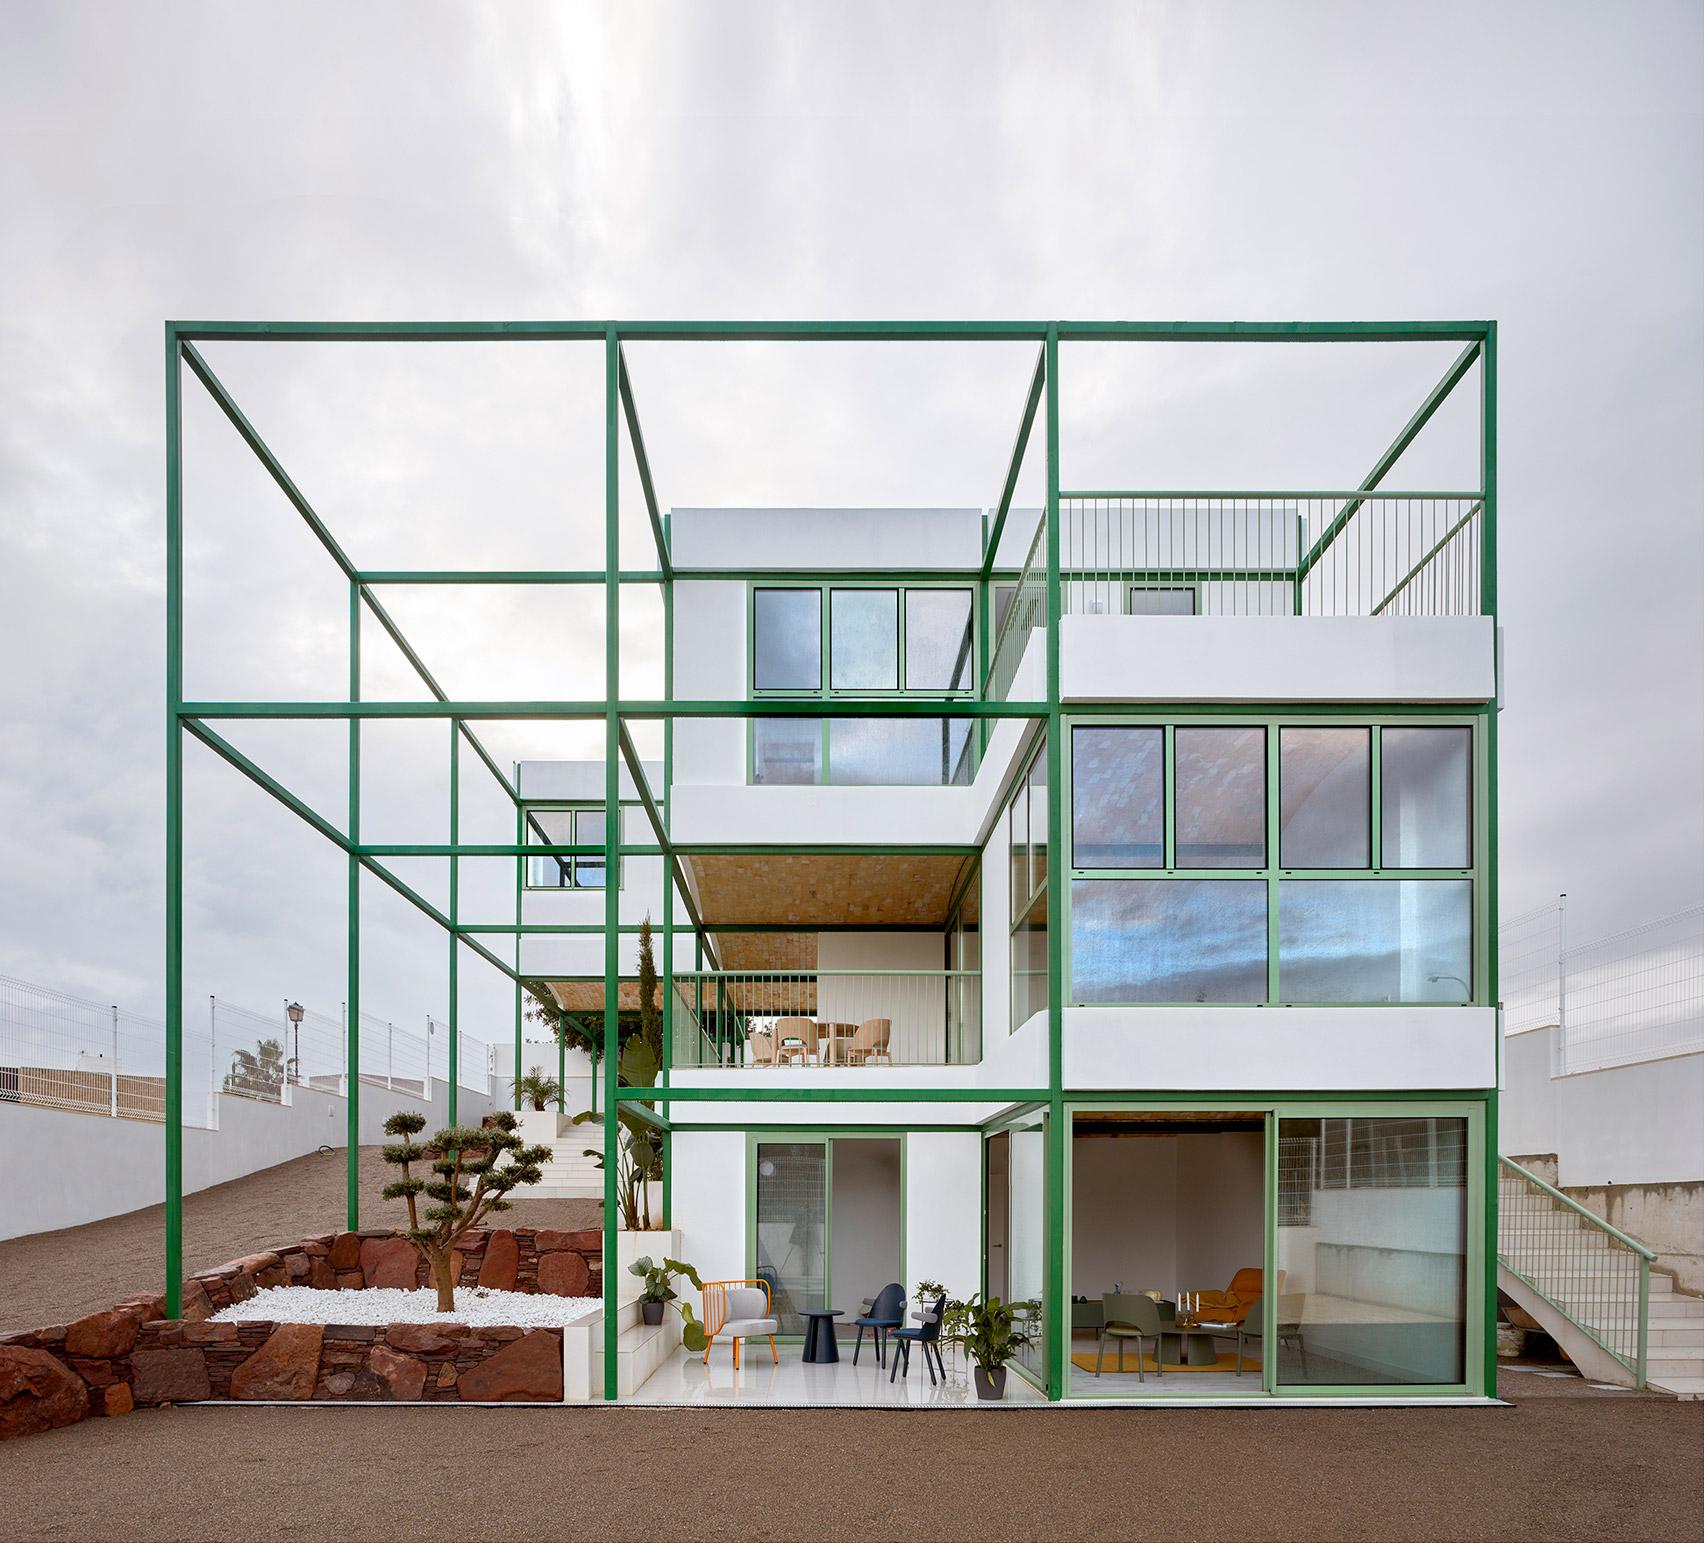 בית לבנים בוולנסיה, ספרד